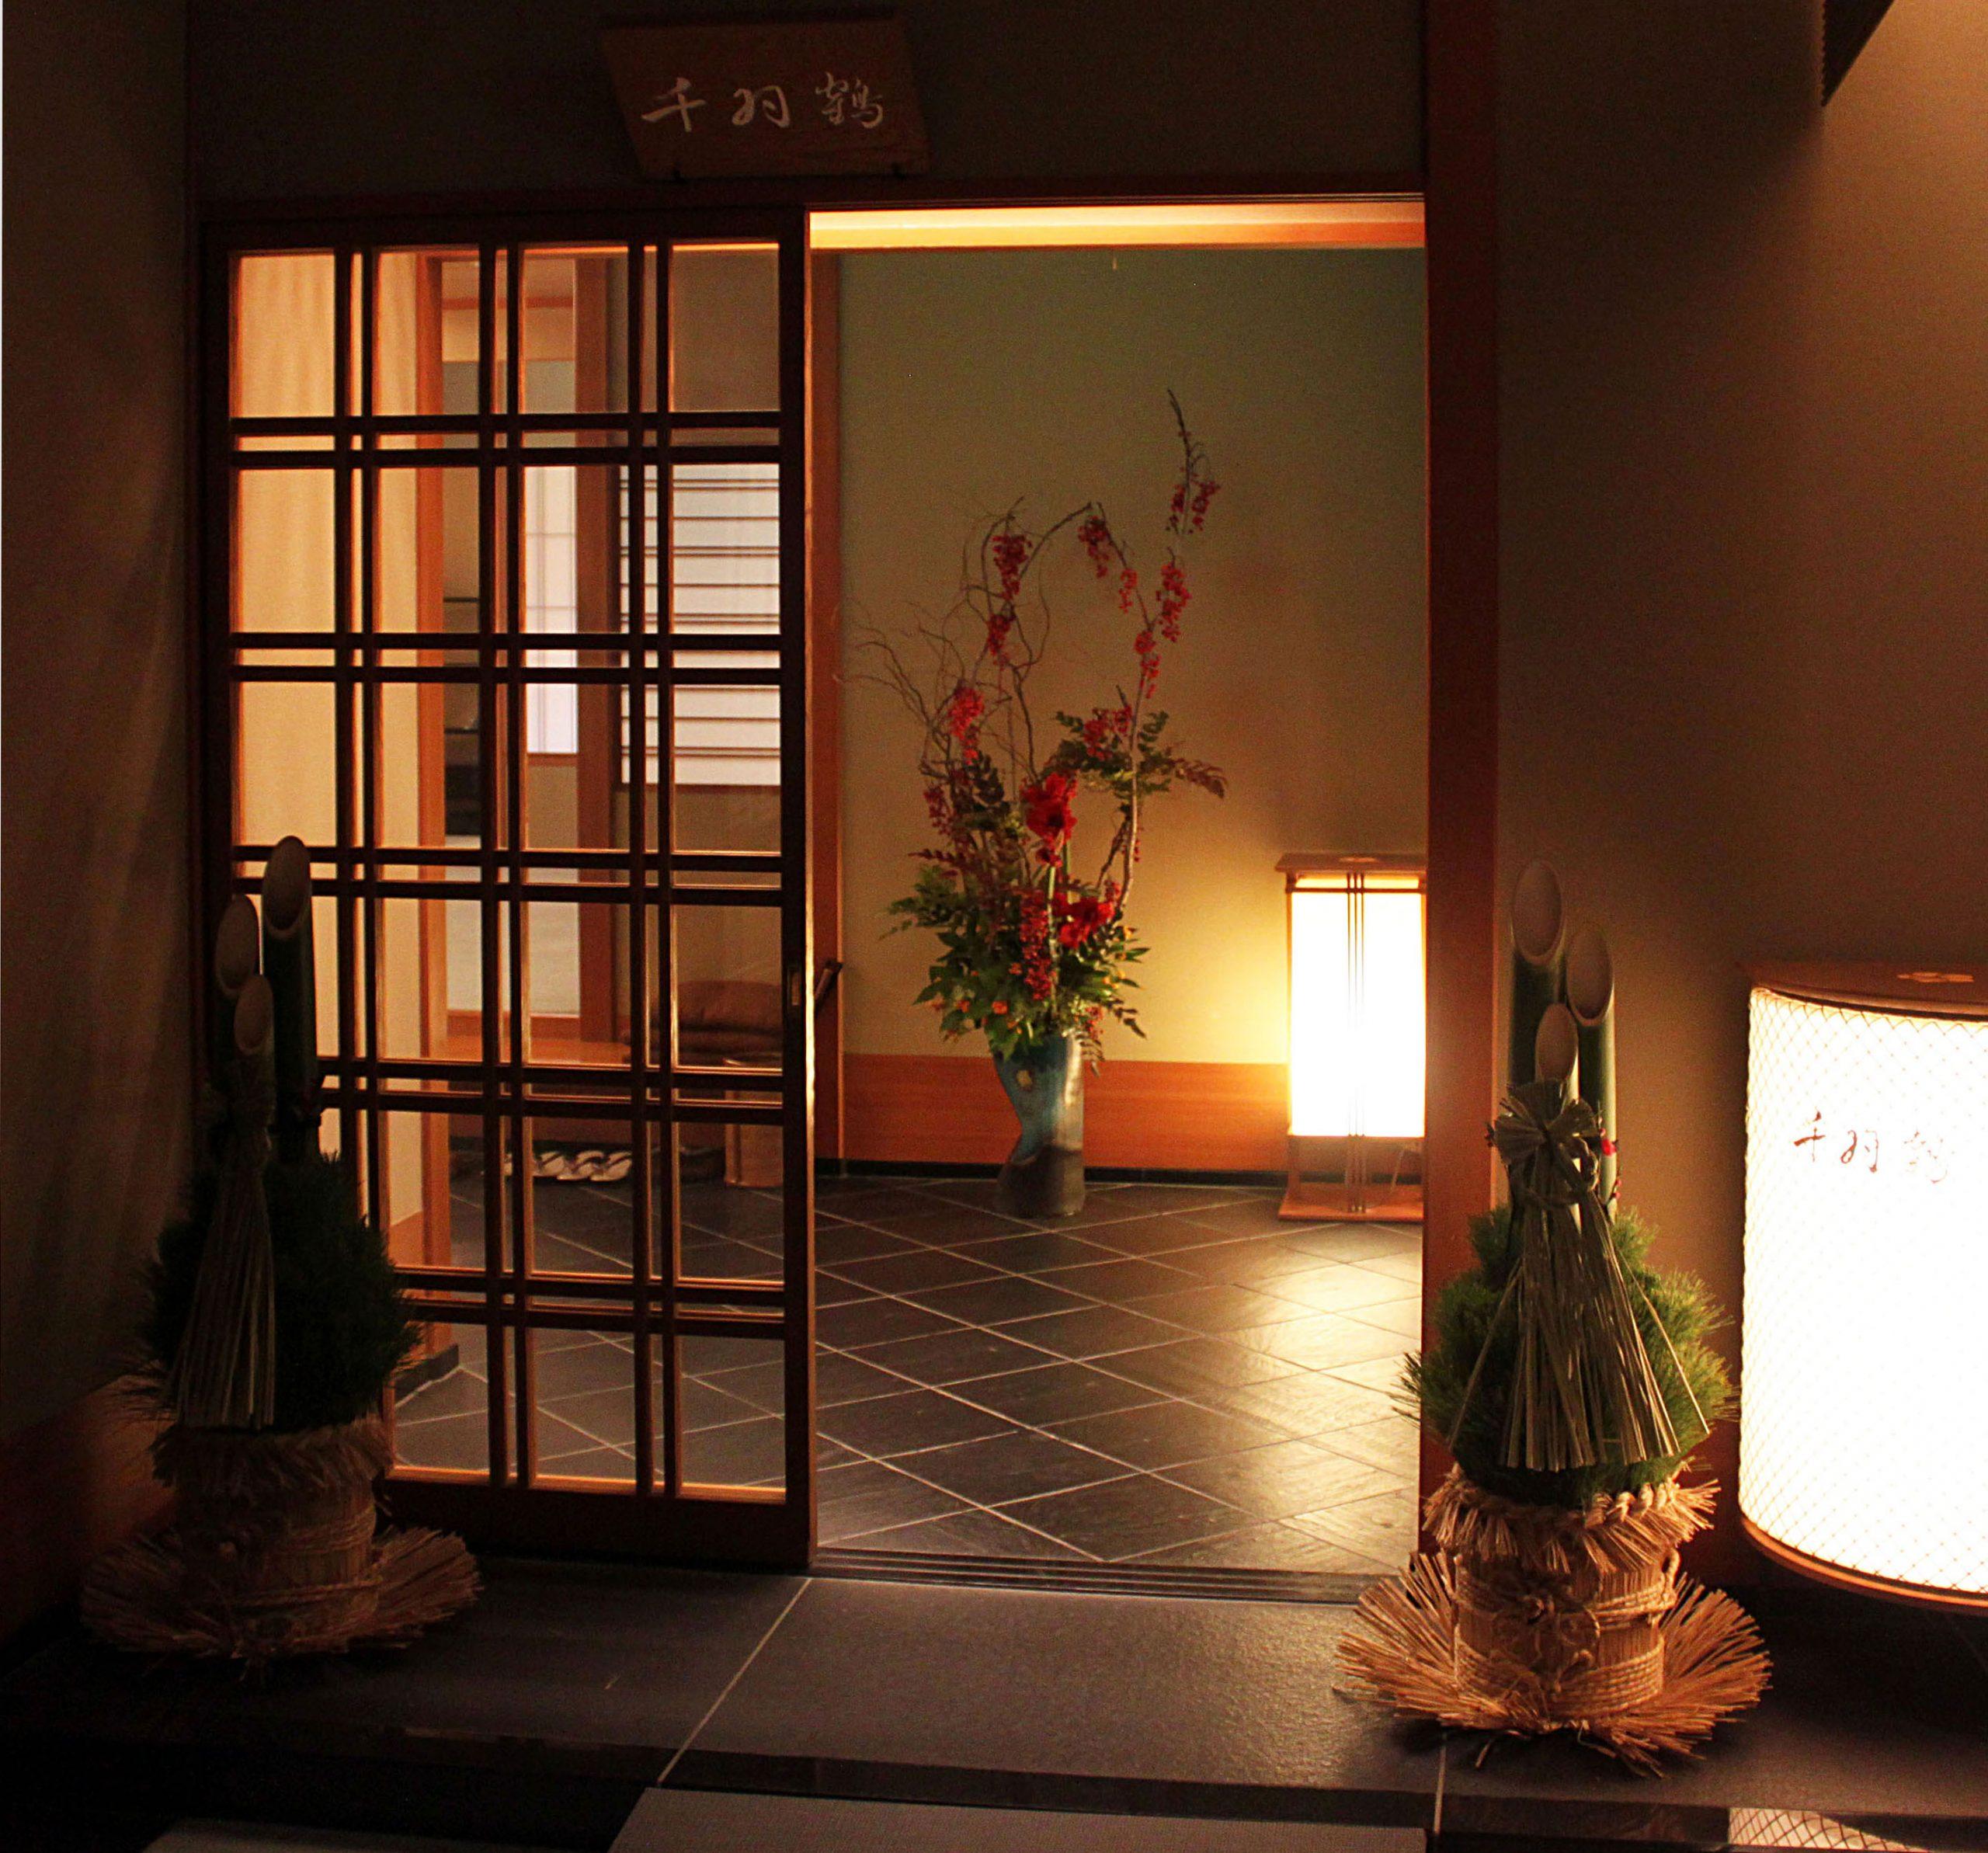 2014   料亭「千羽鶴」ホテルニューオータニ(東京)<br> At the Senbazuru restaurant, Hotel New Otani, Tokyo